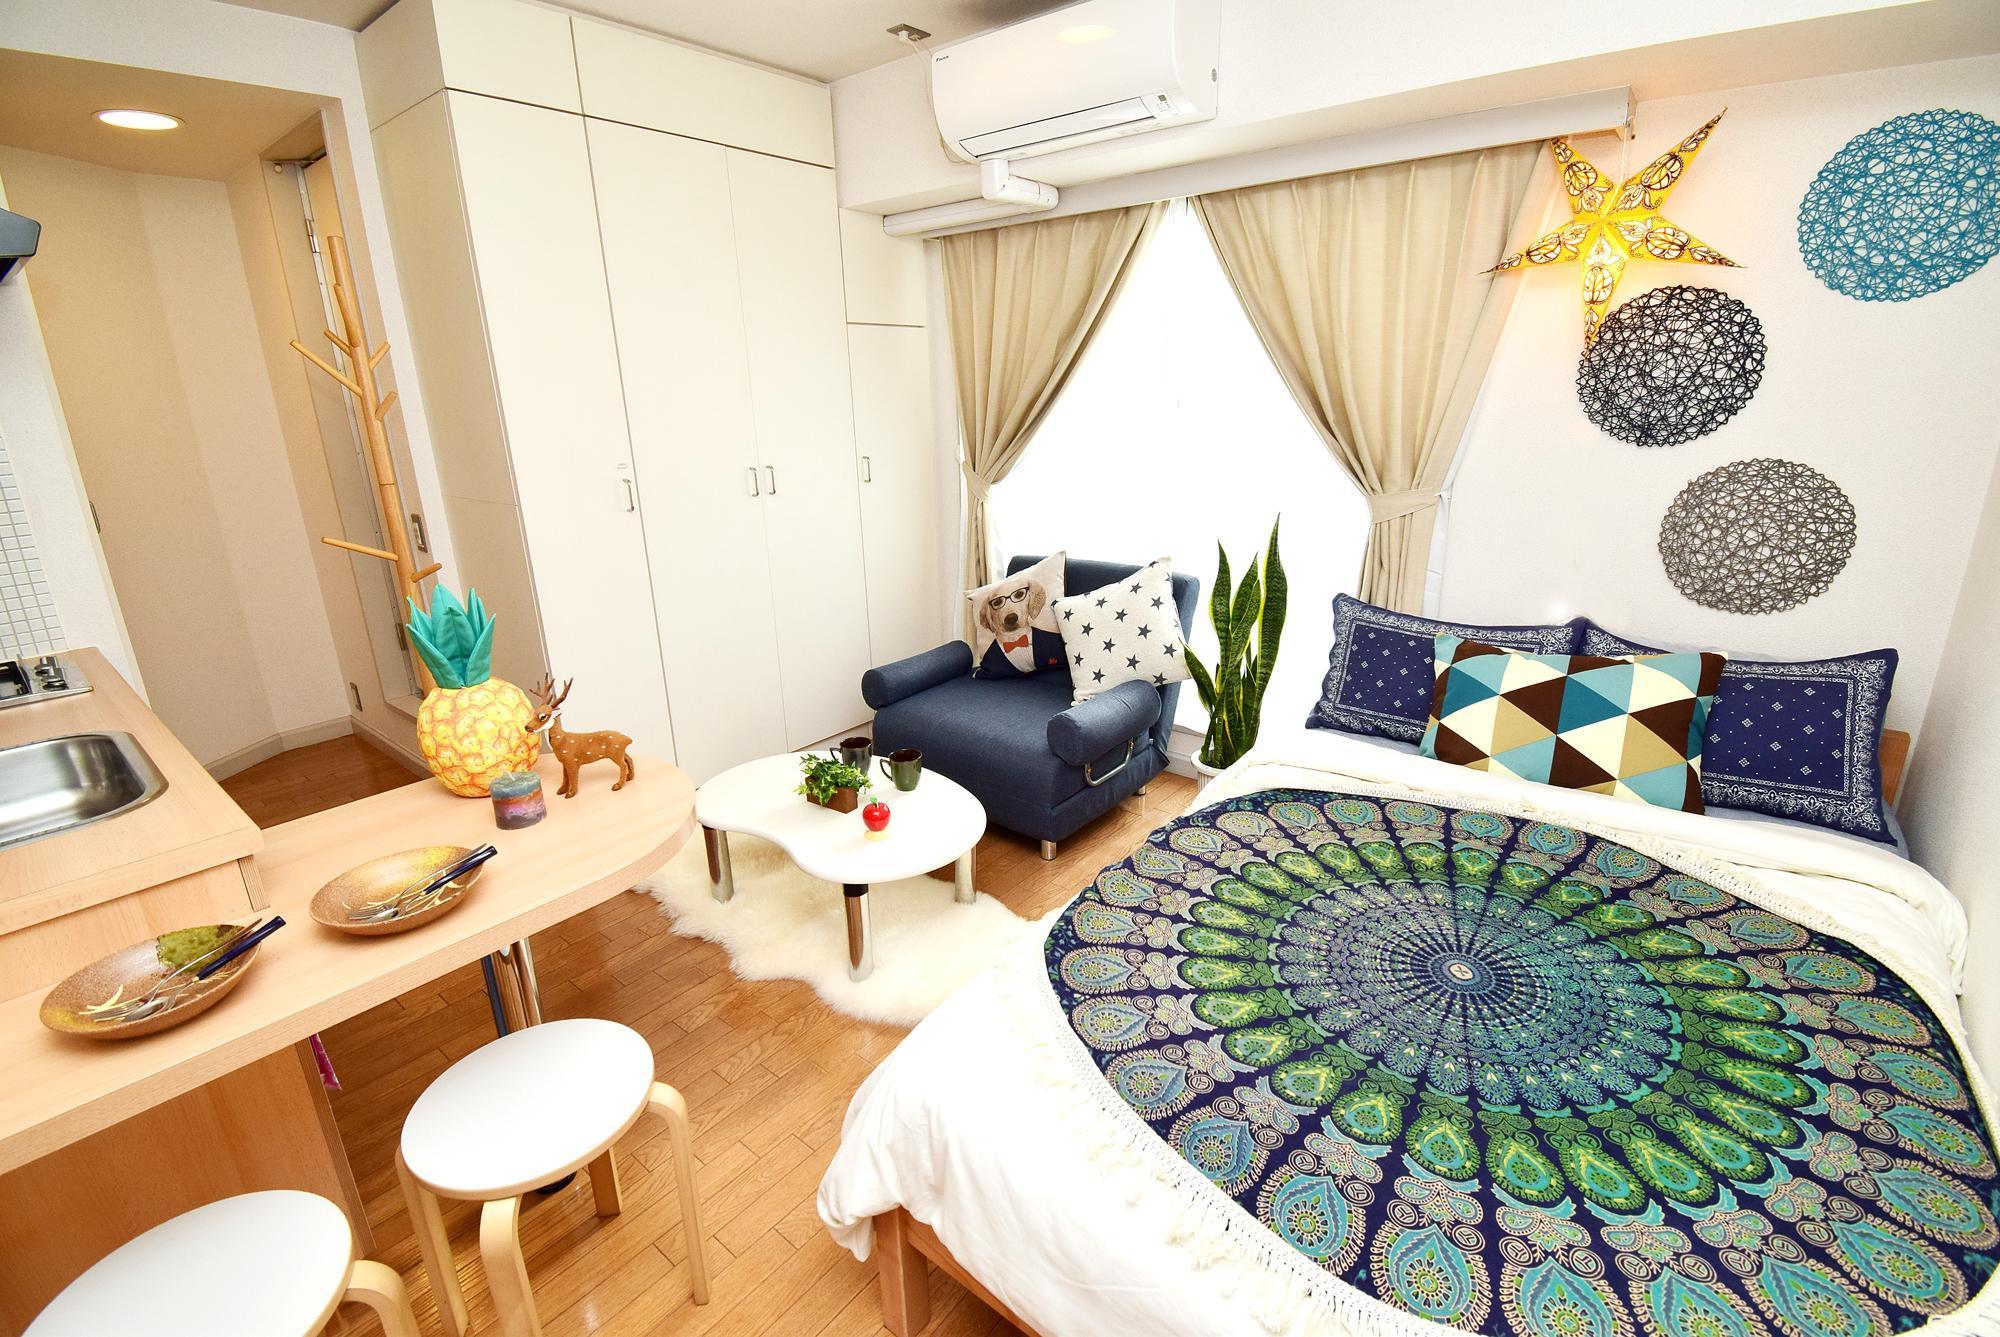 Mary's Room205 In Shimo Kitazawa Shopping Area